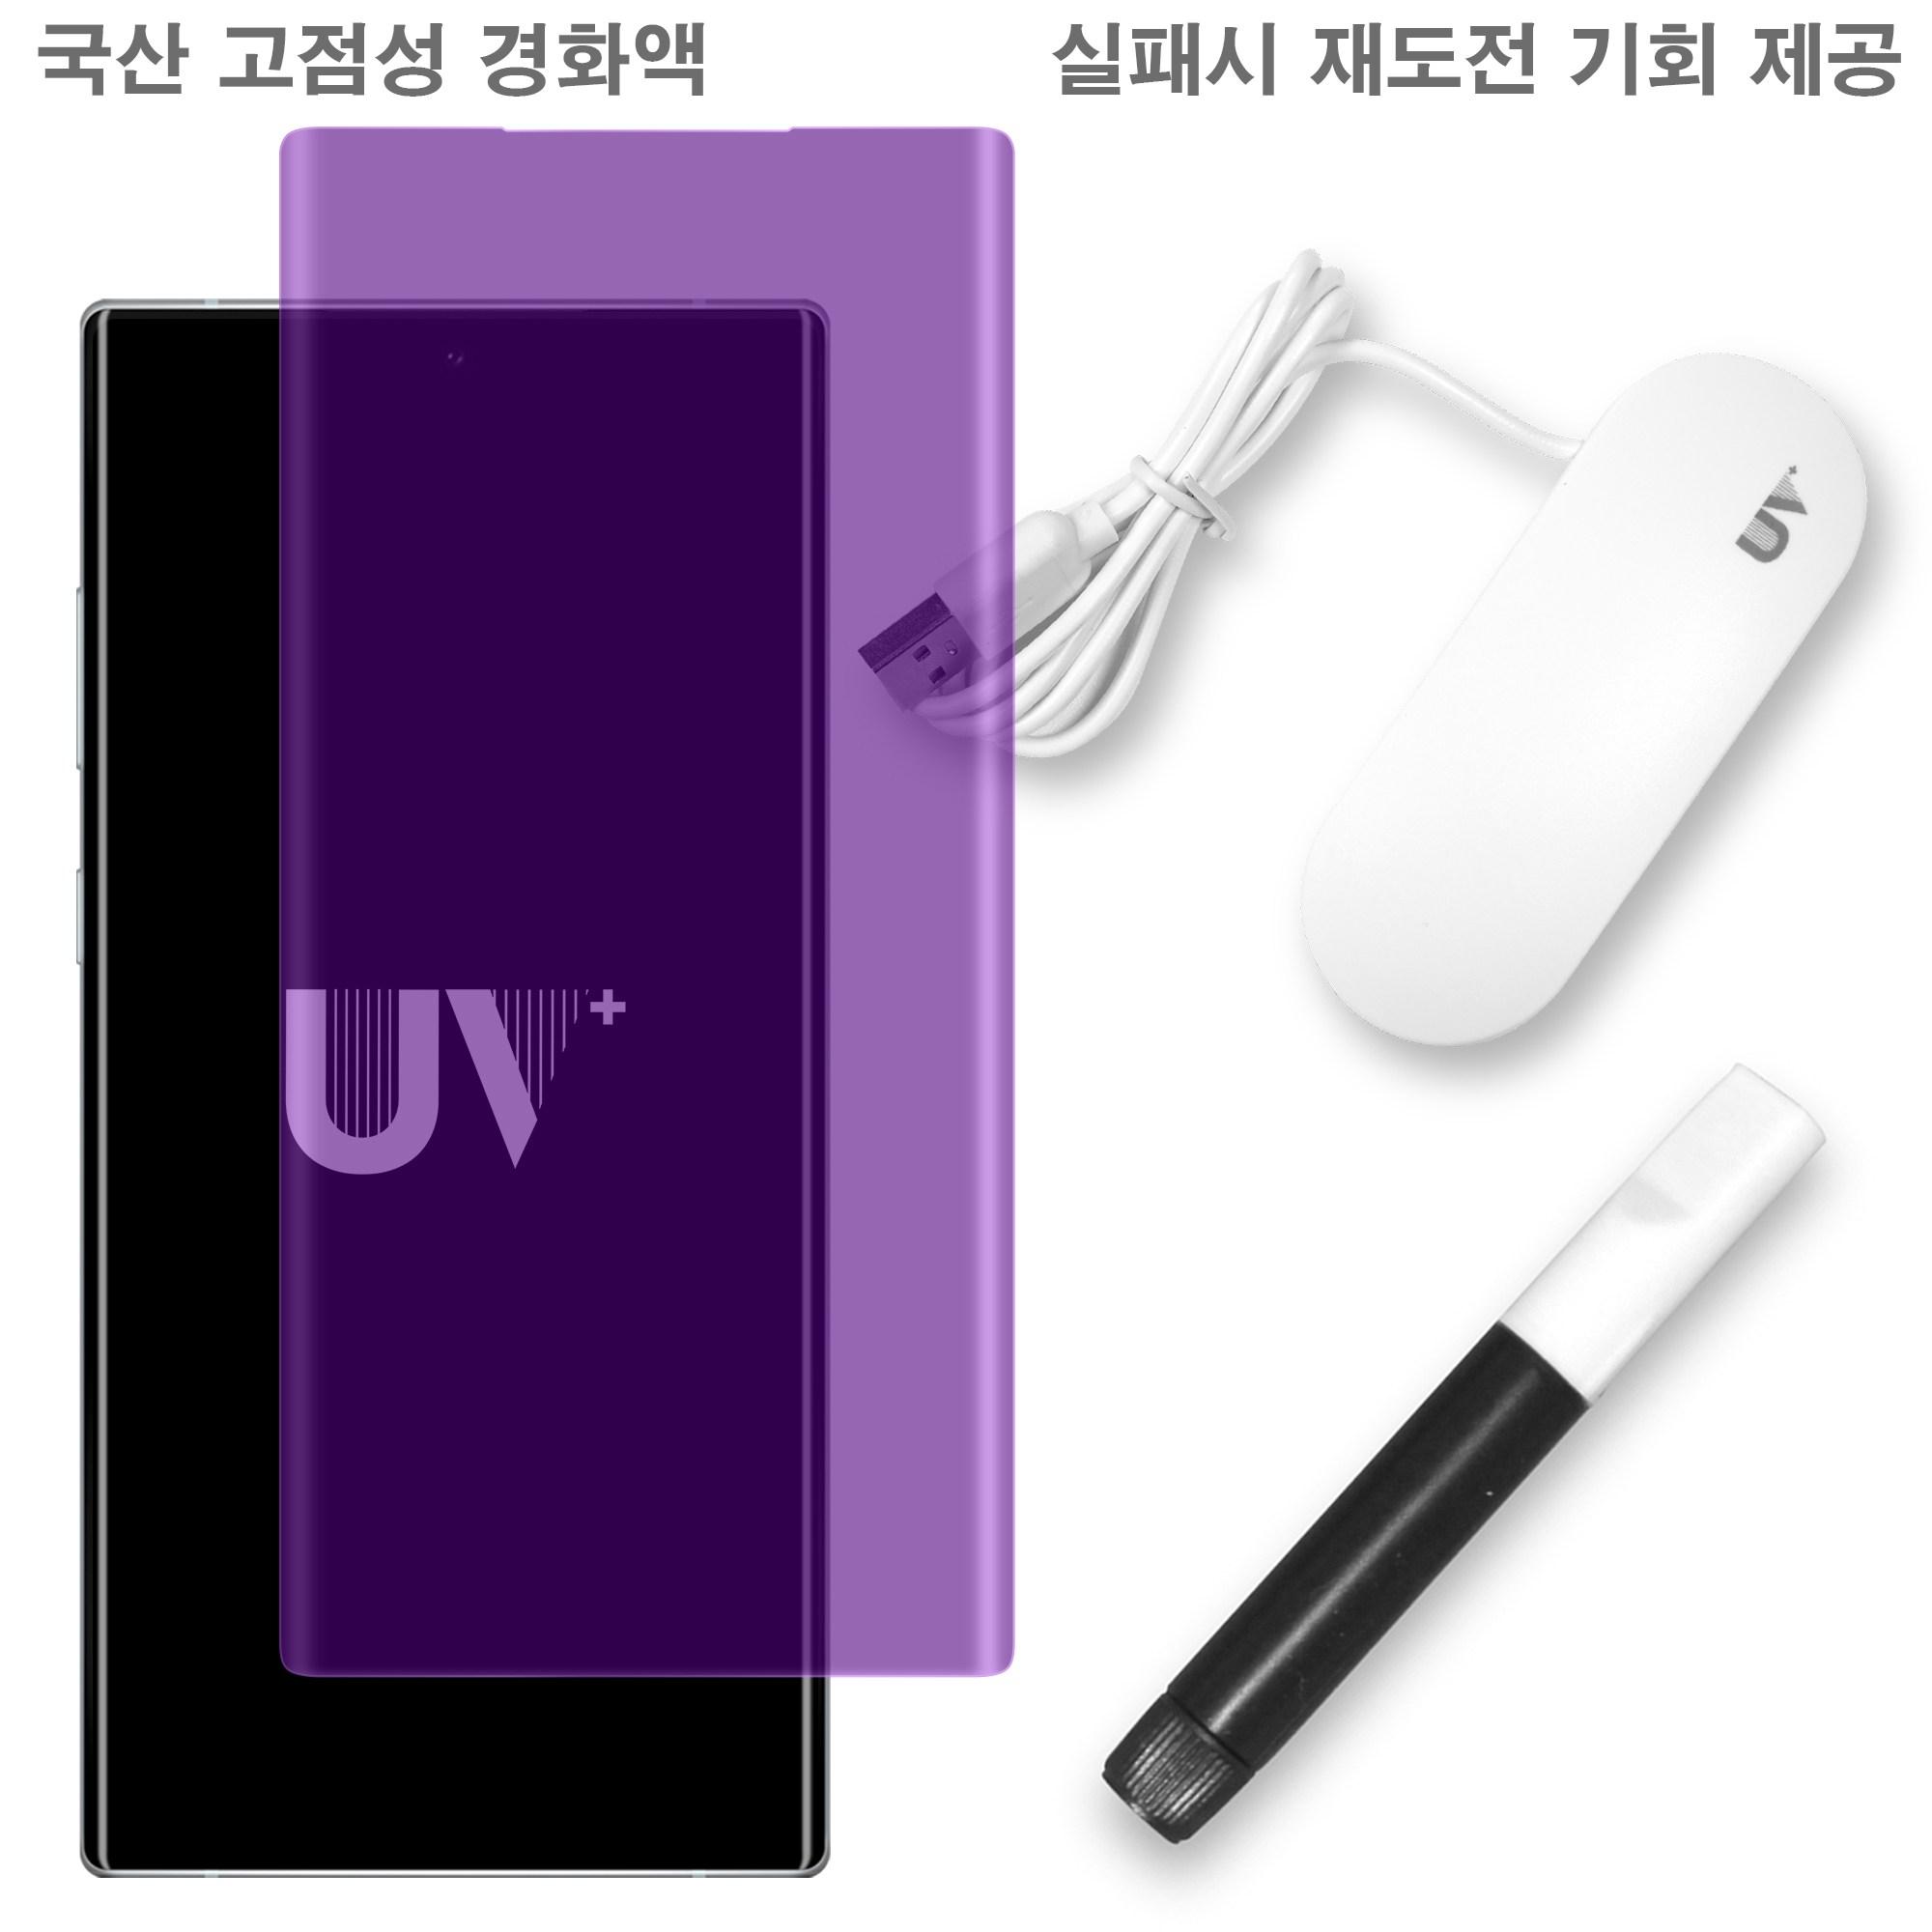 UV플러스 시력보호 연고강화유리 UV 고점성 풀점착 풀커버 갤럭시 아이폰 10기종, 1세트